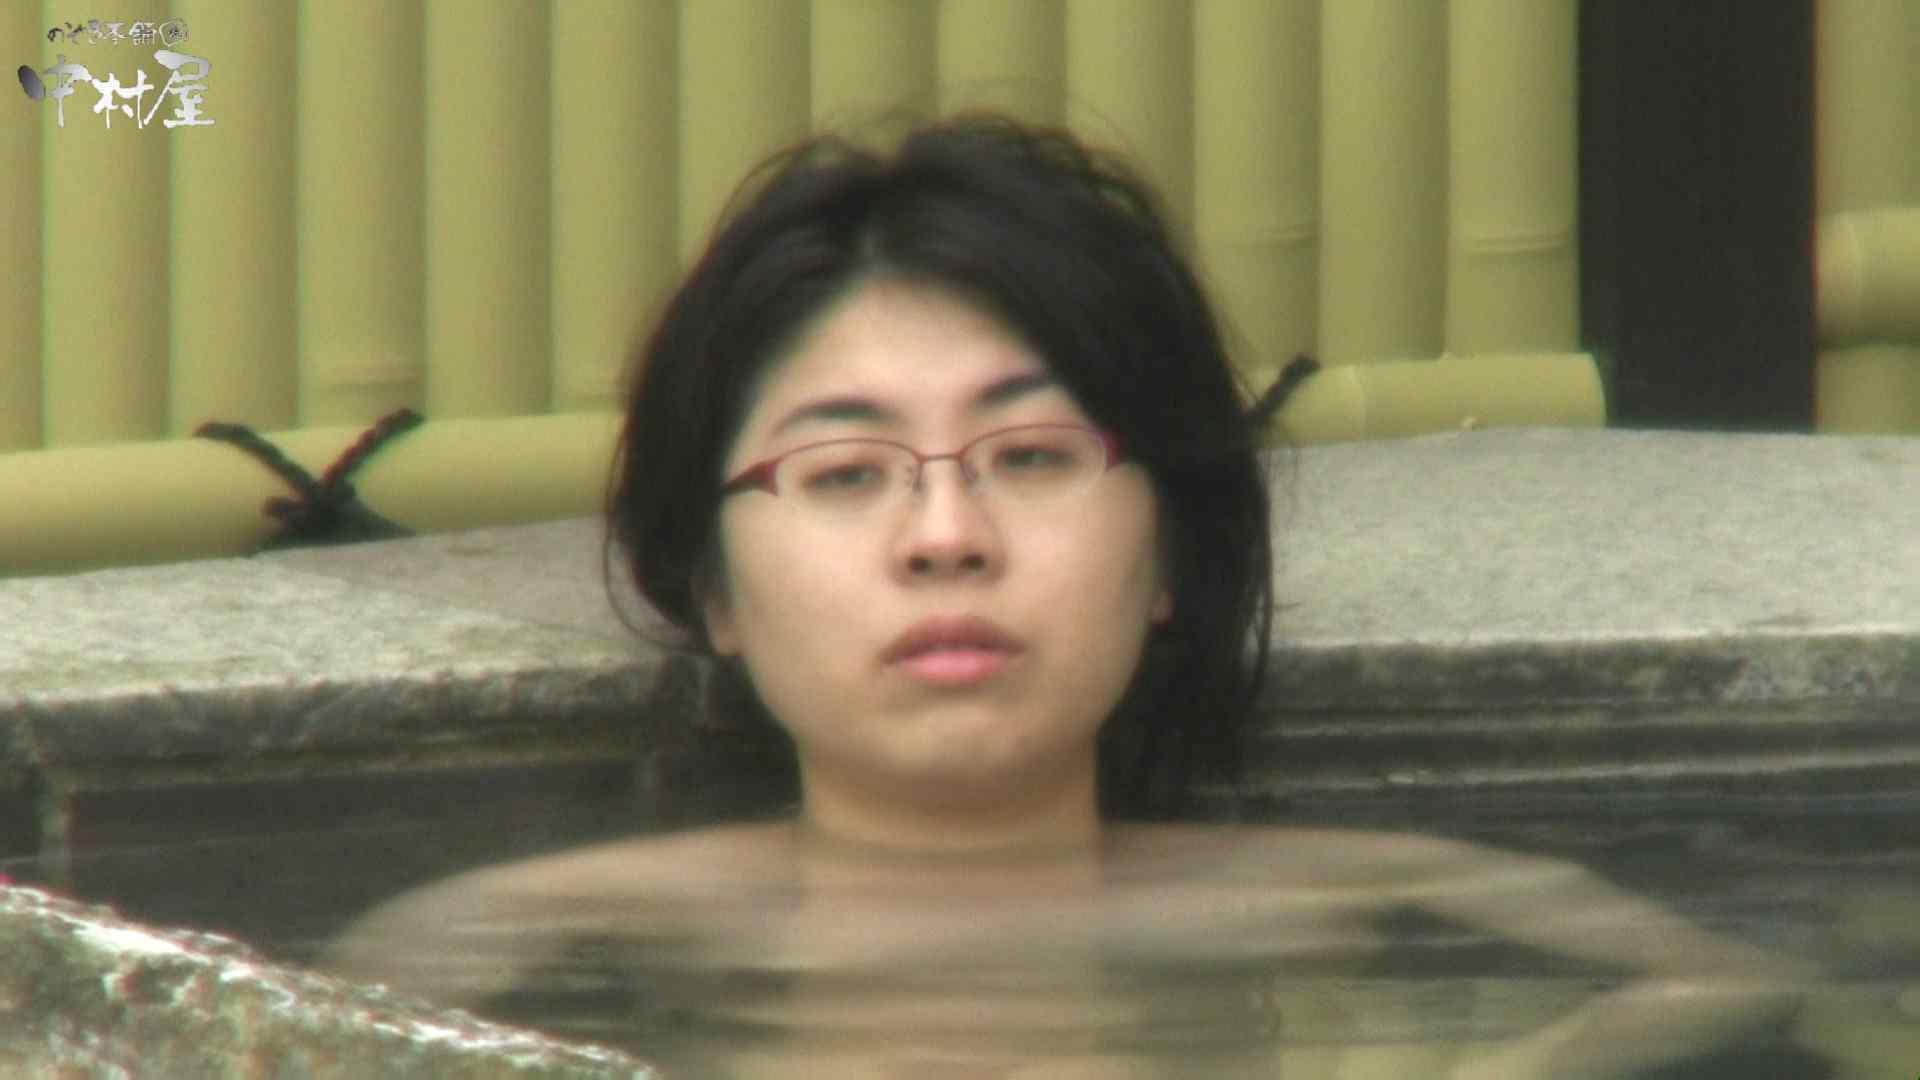 Aquaな露天風呂Vol.947 OLハメ撮り  61Pix 35